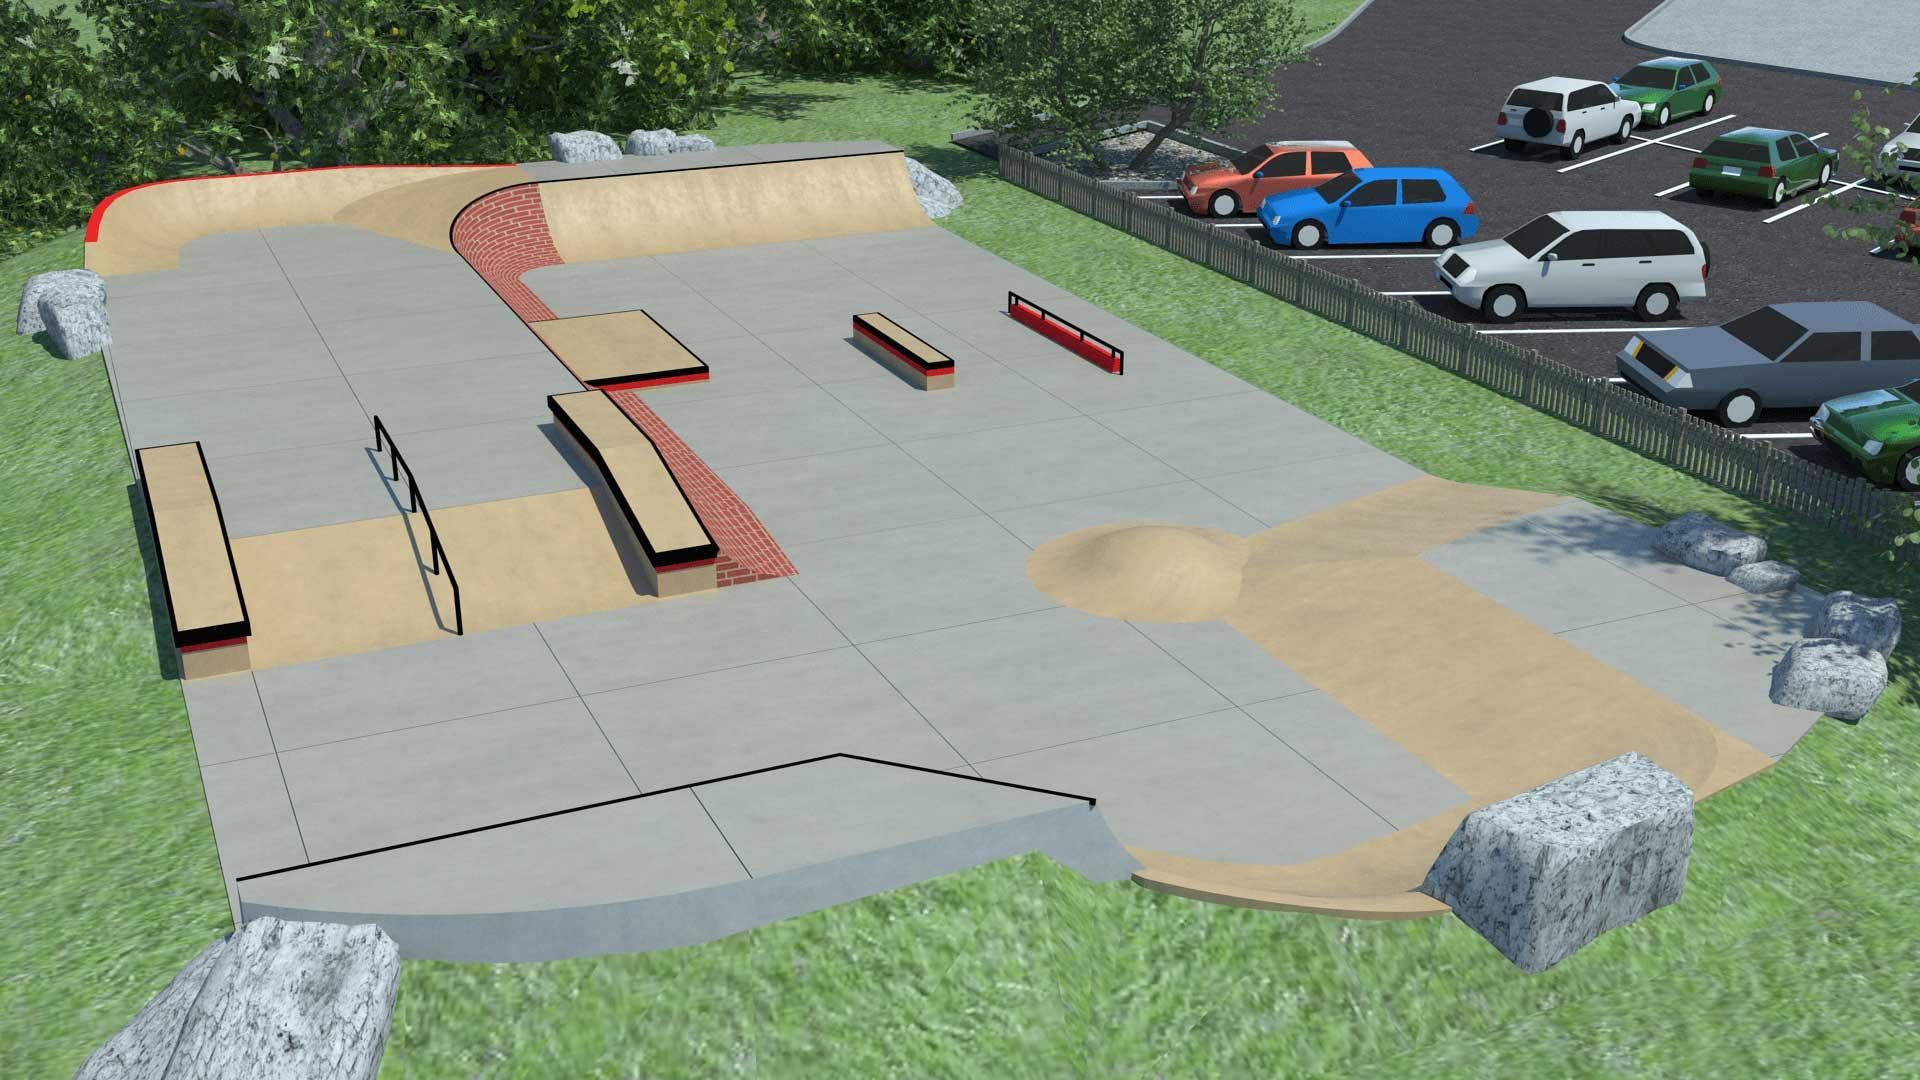 Tawa-Skatepark-3-Scene-8